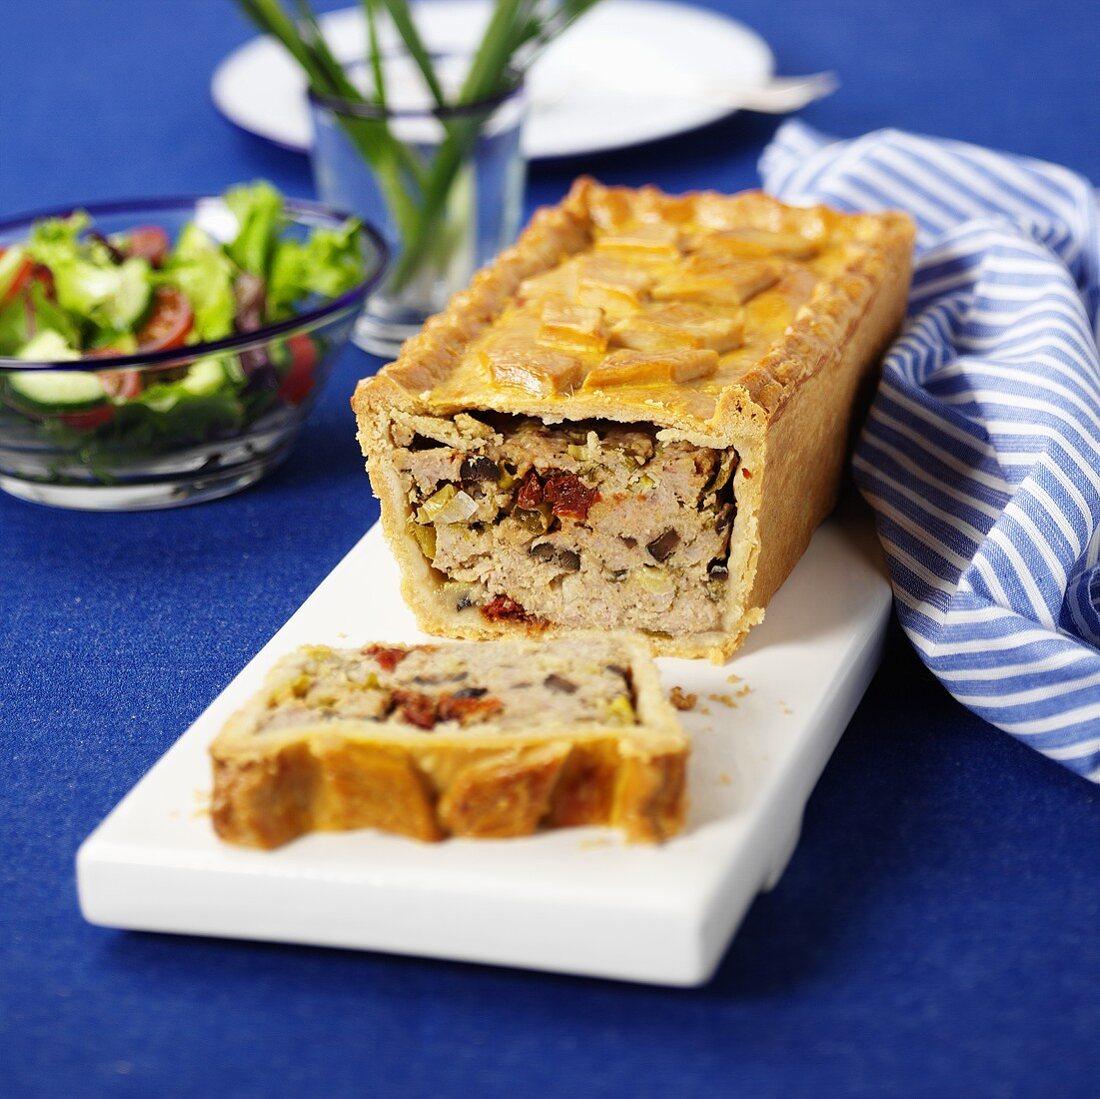 Pork pie with pesto